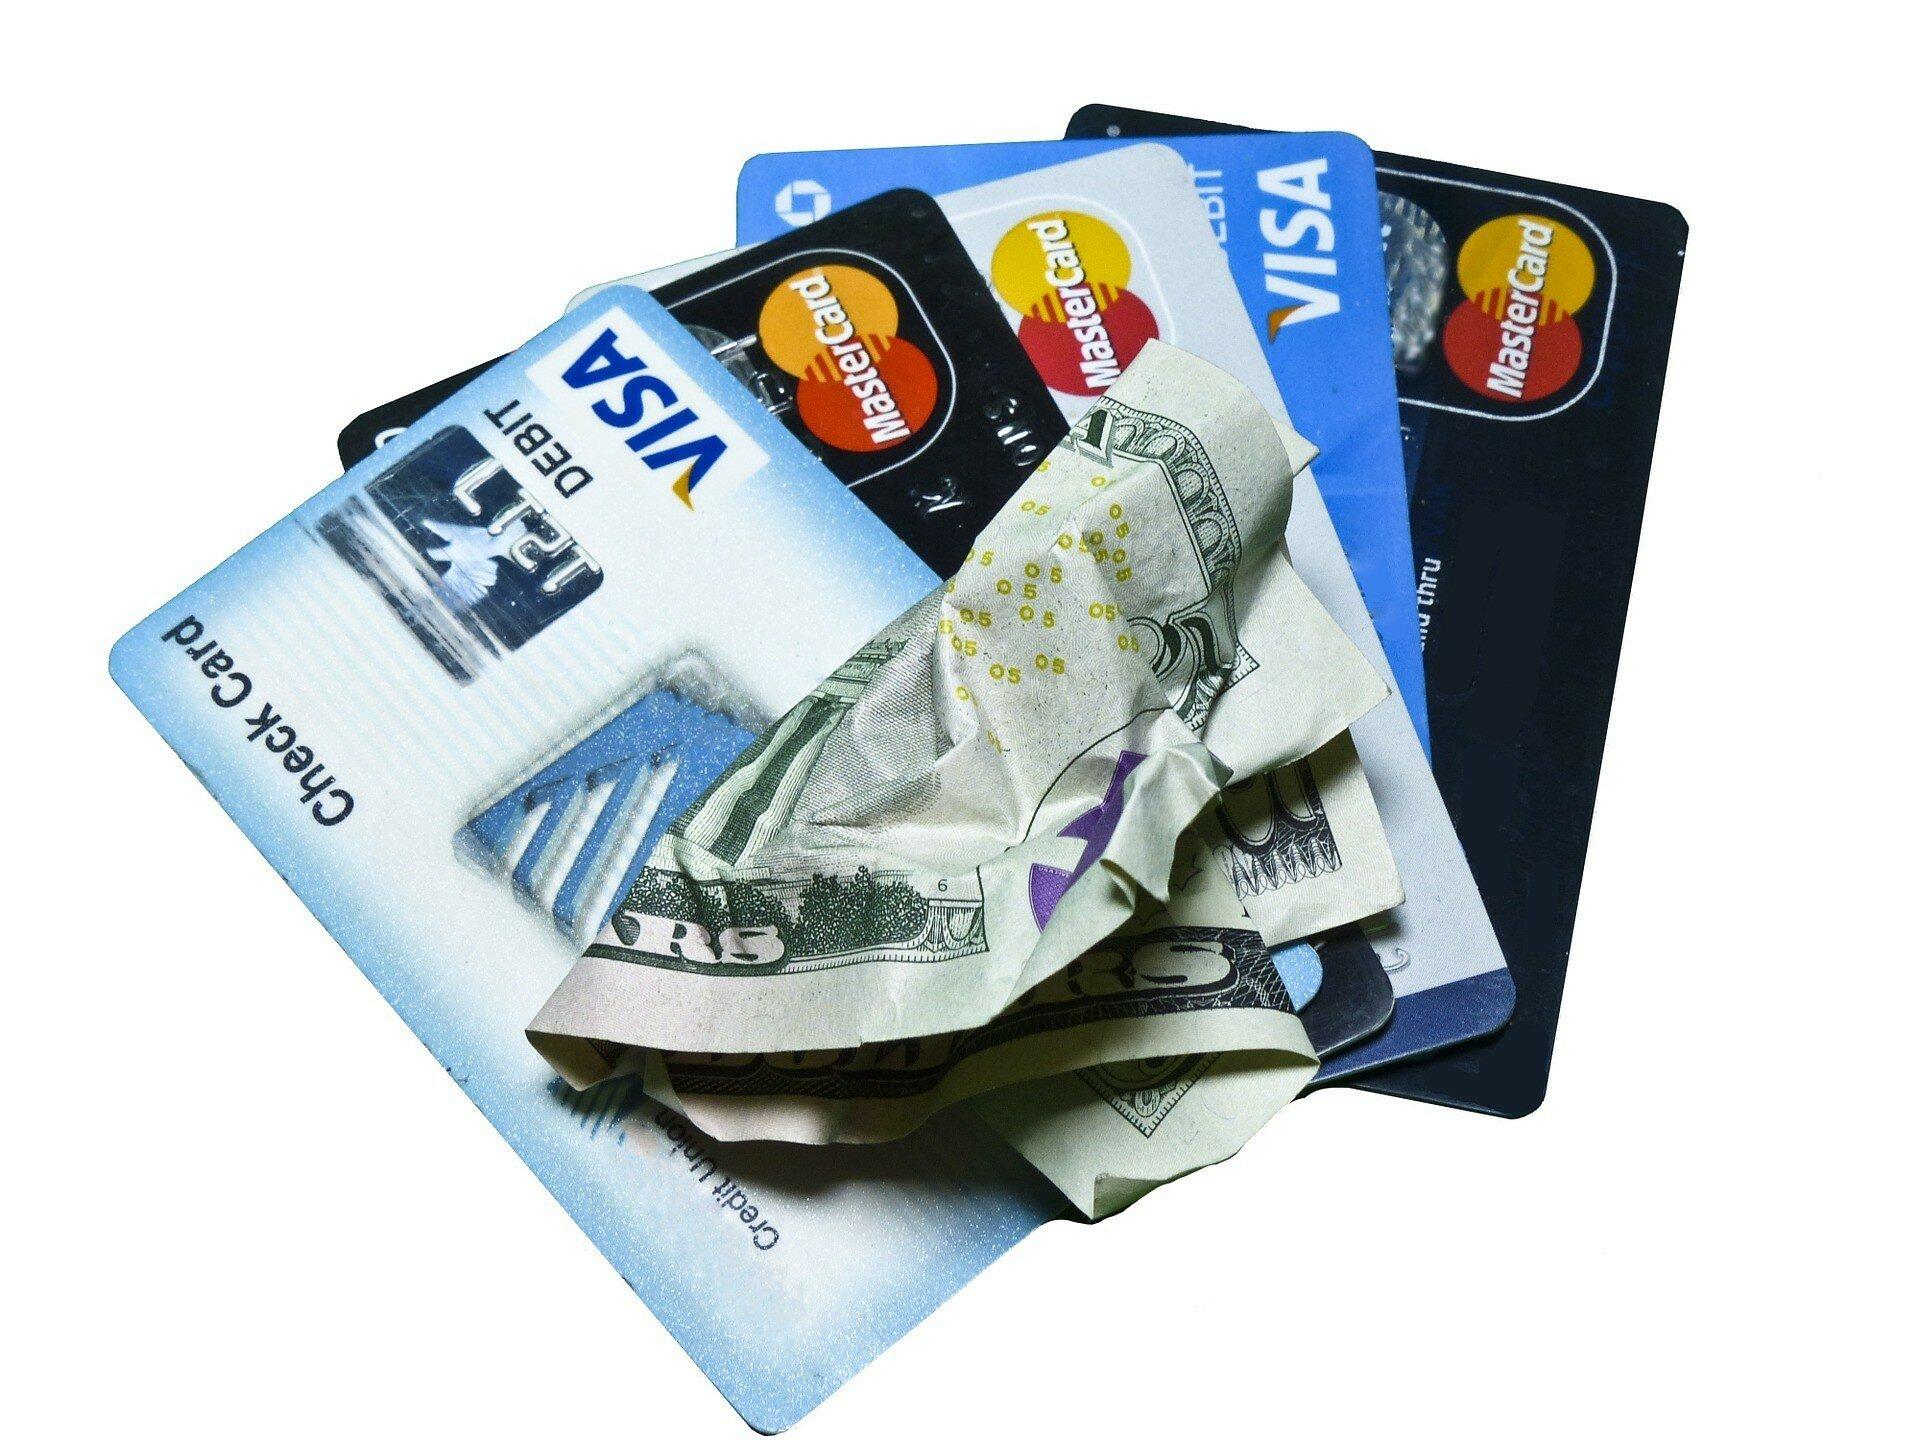 Обнаружена мошенническая схема хищения средств с банковских карточек